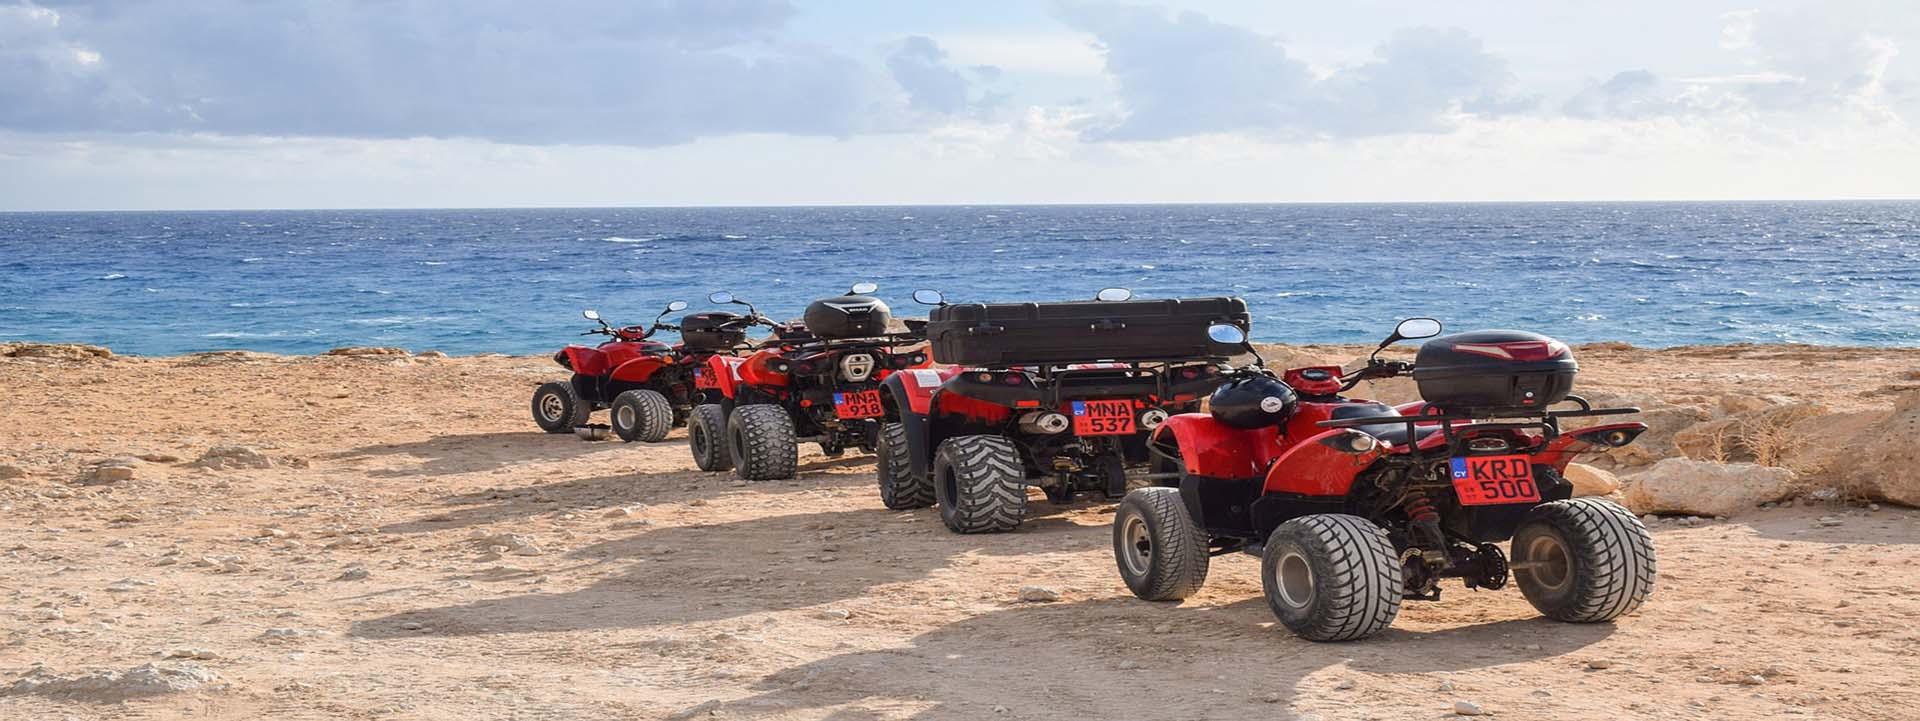 Seguros Responsabilidad Civil y Accidentes para Empresas organizadoras de actividades de turismo de aventura